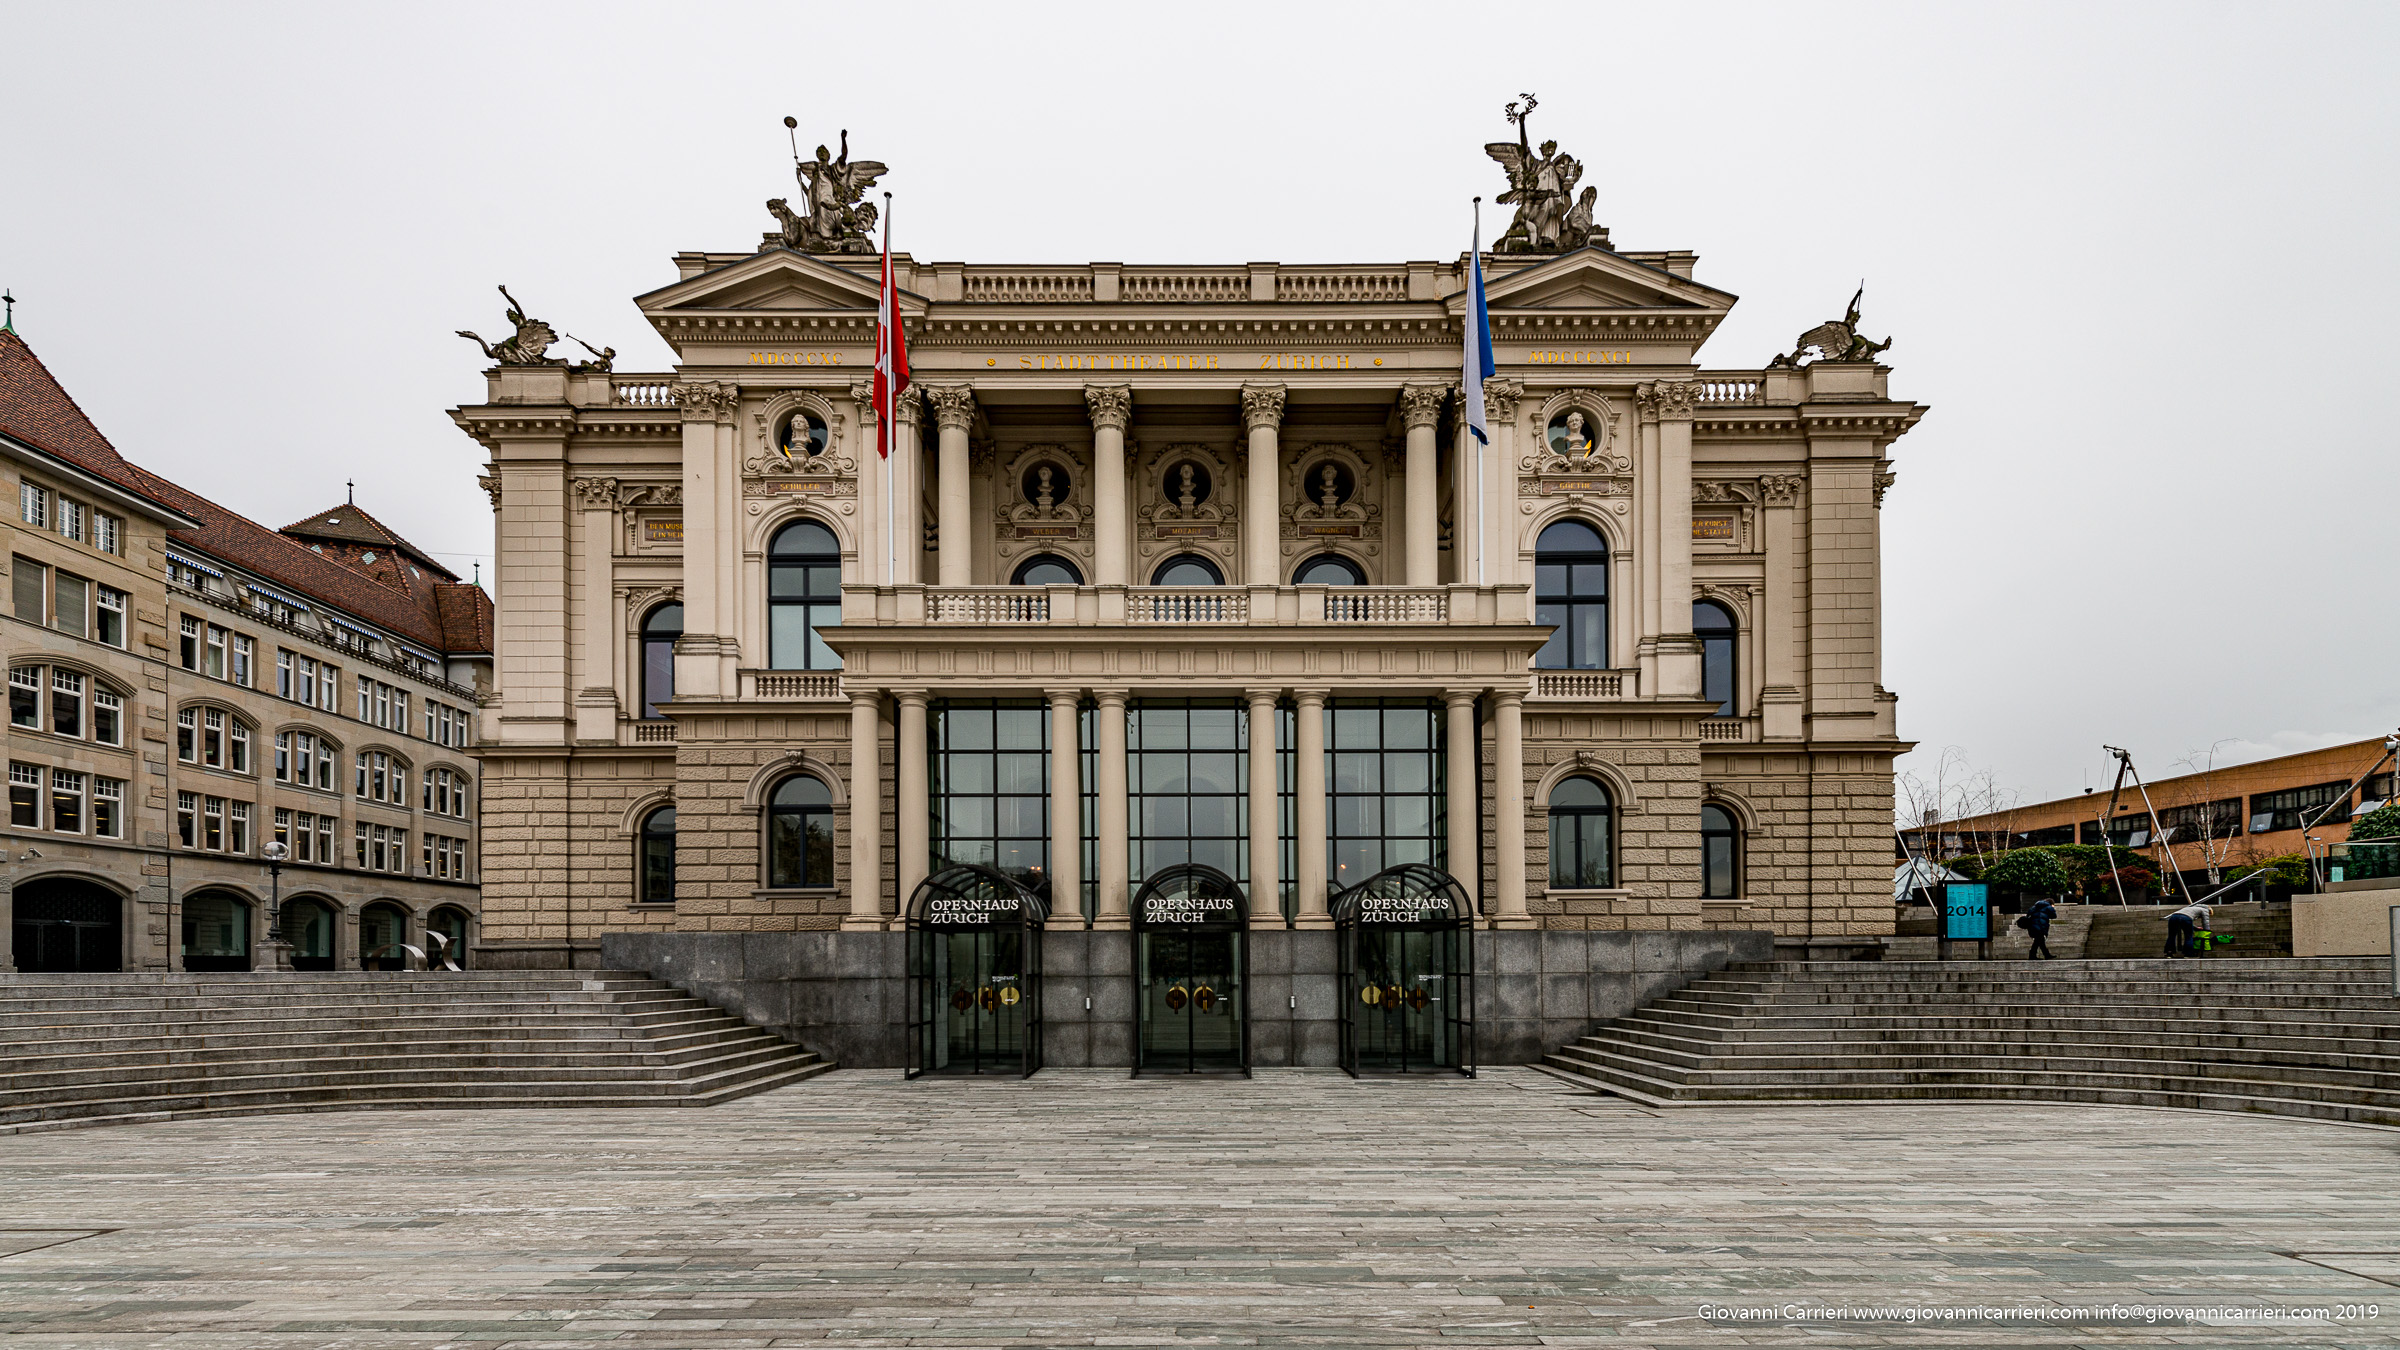 Il palazzo dell'opera di Zurigo